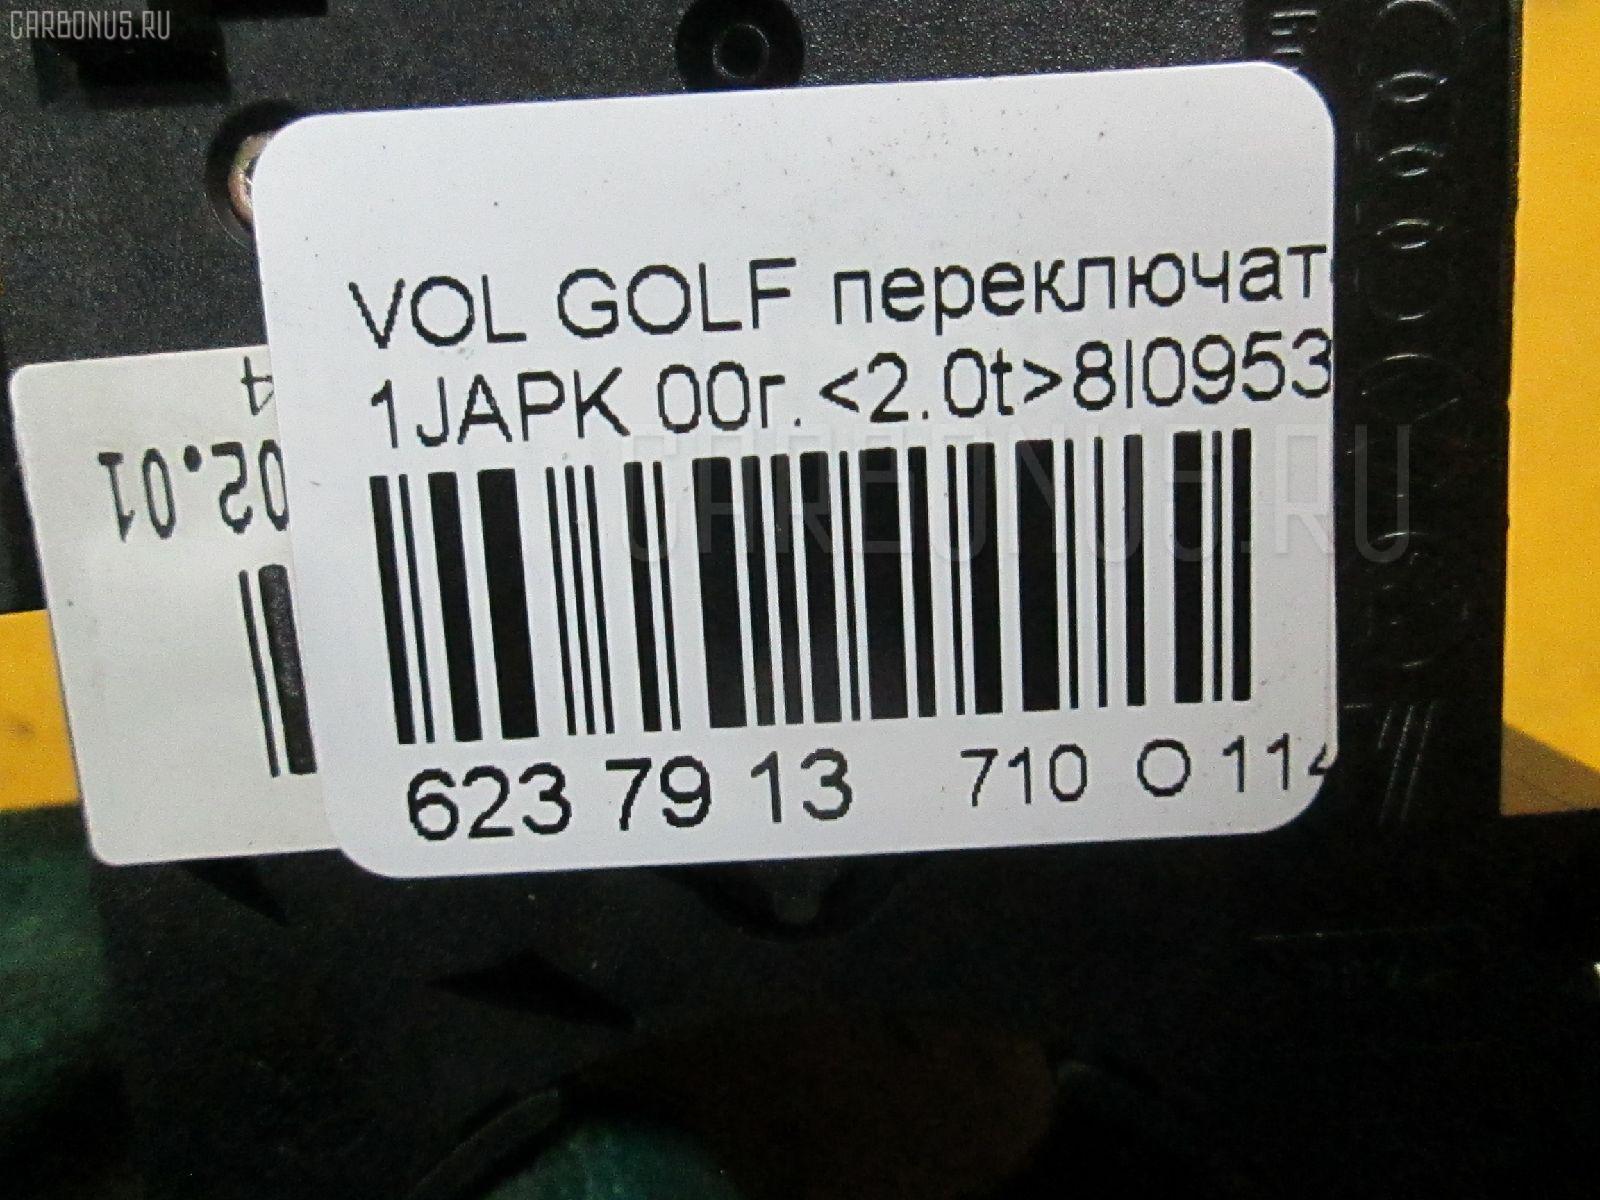 Переключатель поворотов VOLKSWAGEN GOLF IV 1JAPK Фото 3